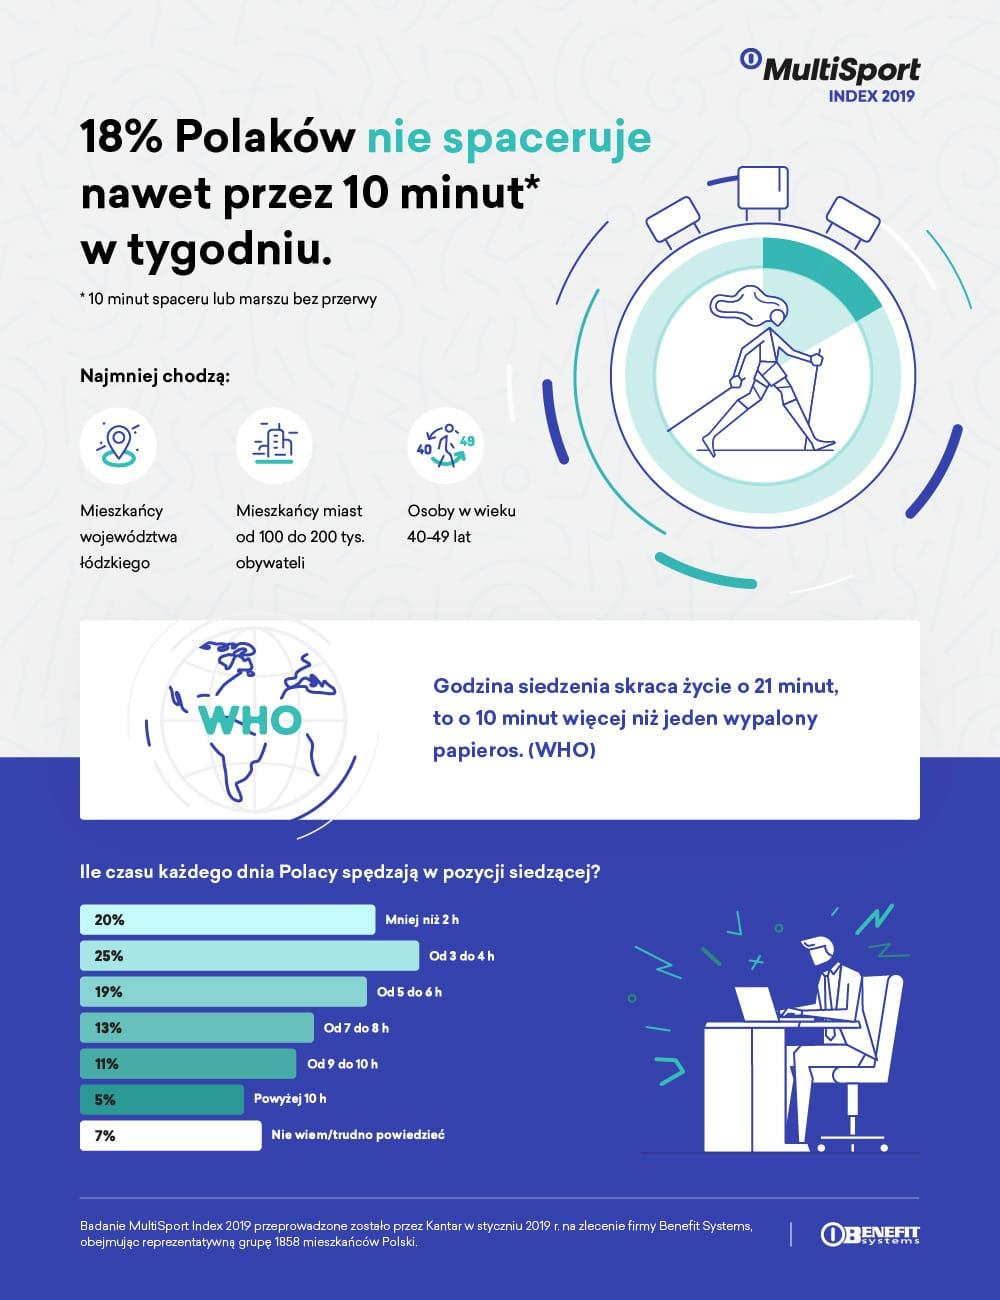 Jak spacerują Polacy - infografika